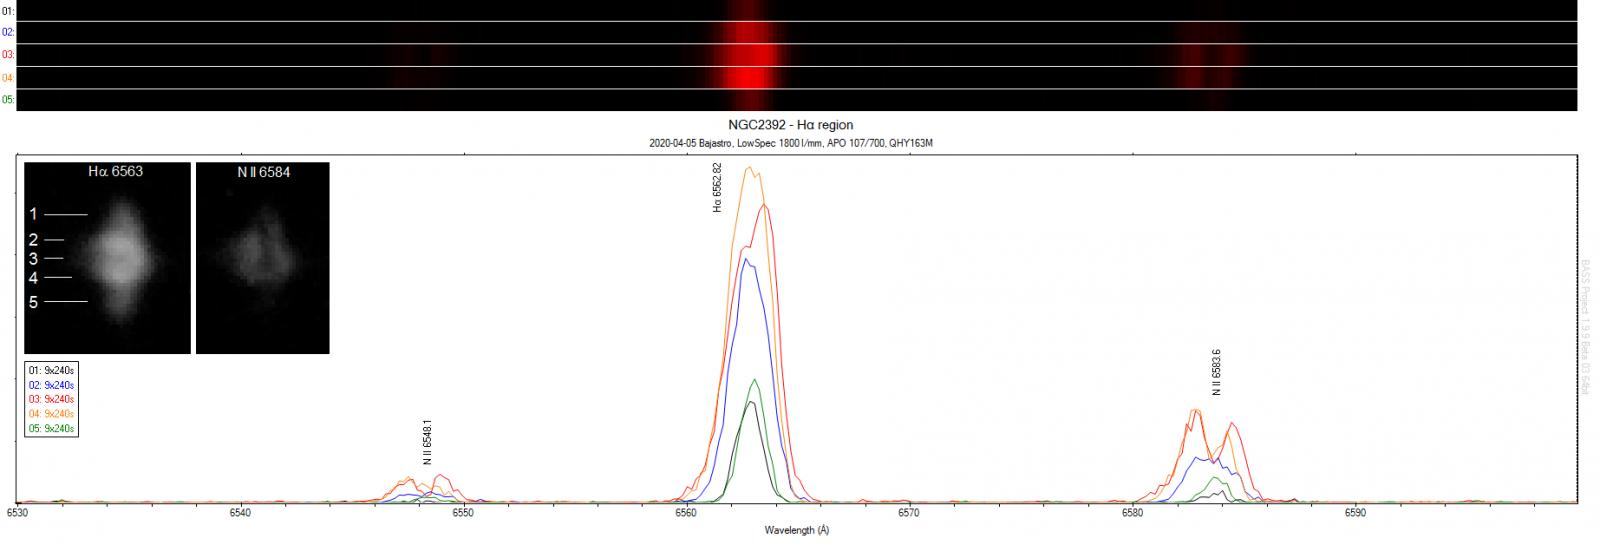 2064063715_NGC2392Halphaspectrummagn.thumb.png.2a98f359747ccaf9f282721df44241a0.png